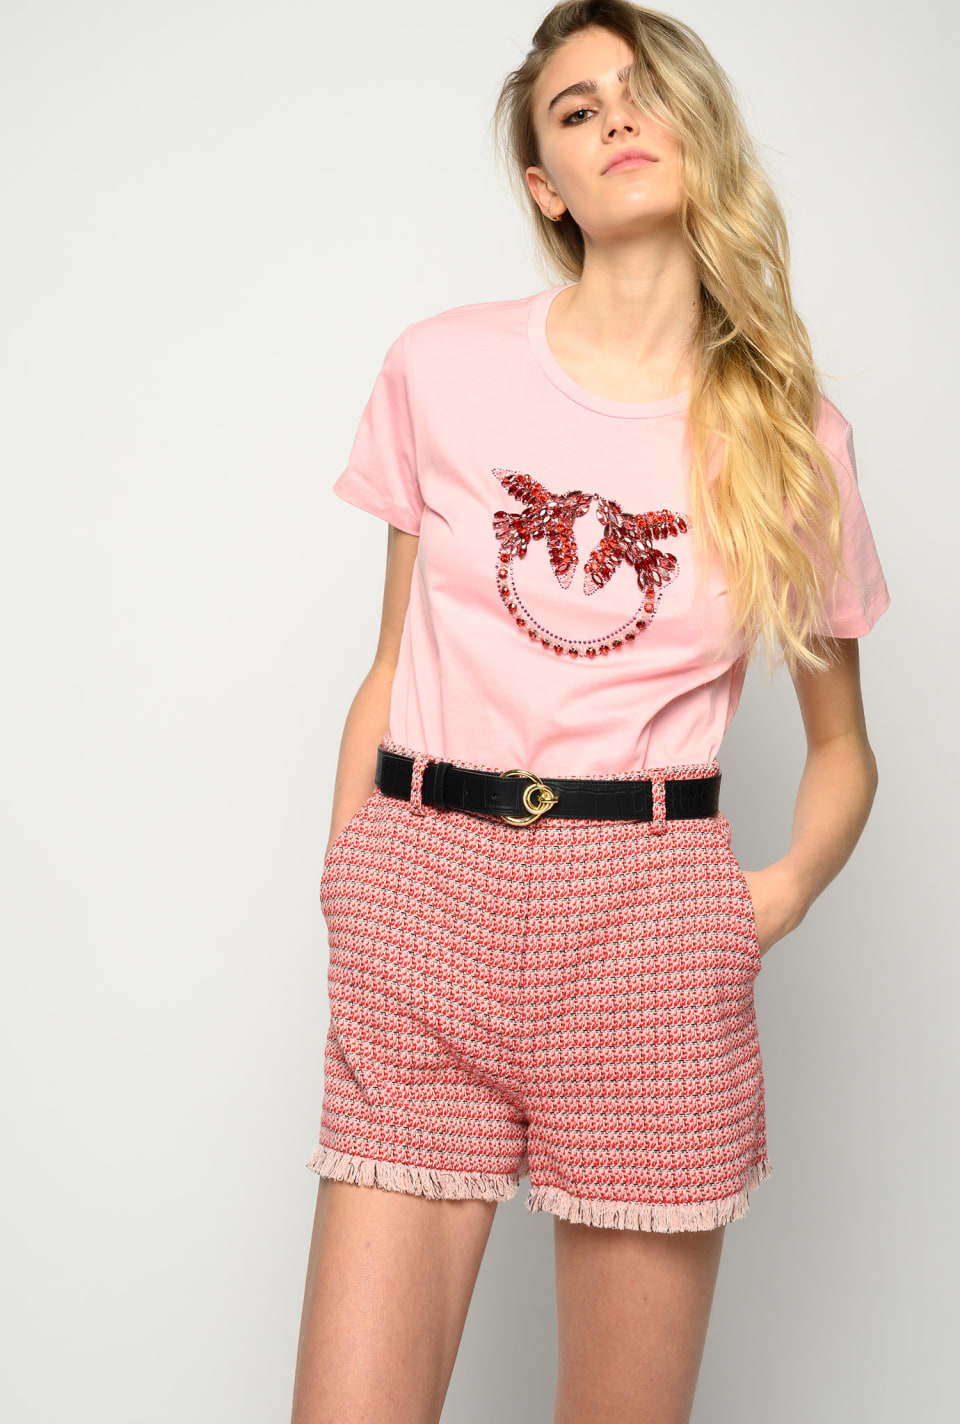 Micro pattern hopsack shorts - Pinko